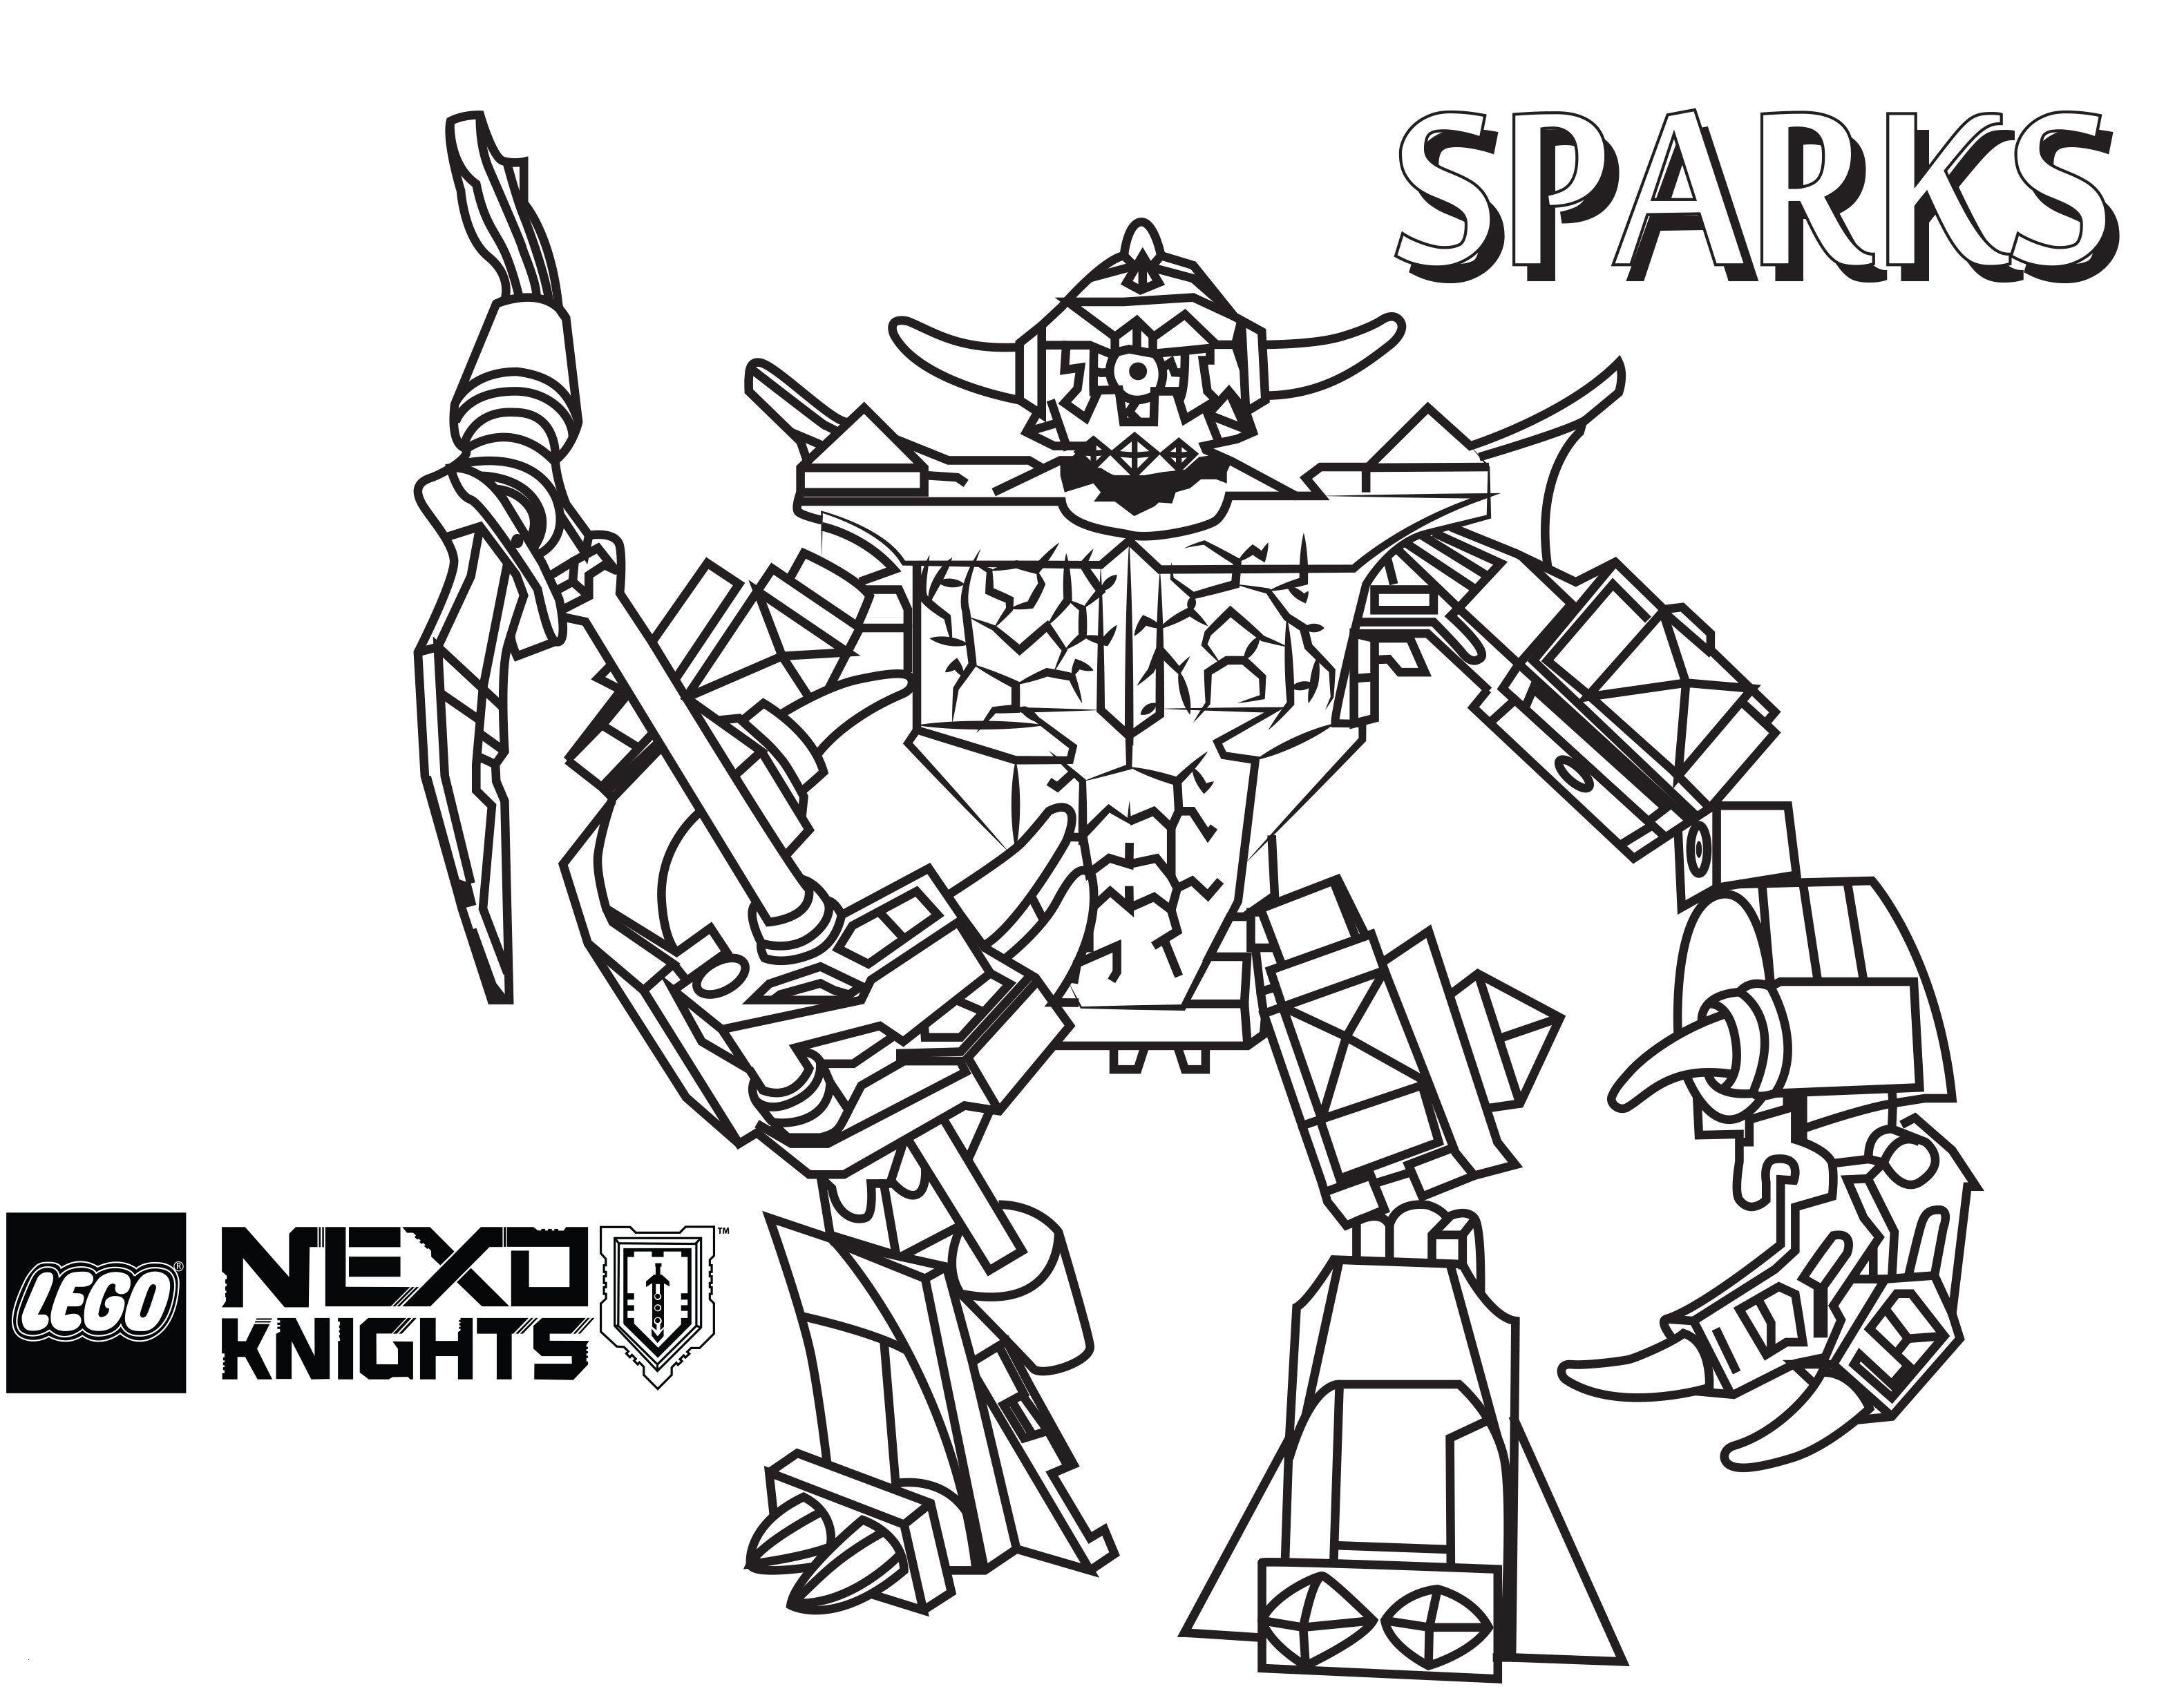 Drachen Bilder Zum Ausdrucken Kostenlos Neu Nexo Knights Ausmalbilder Zum Drucken Genial Lego Ninjago Frisch Fotografieren